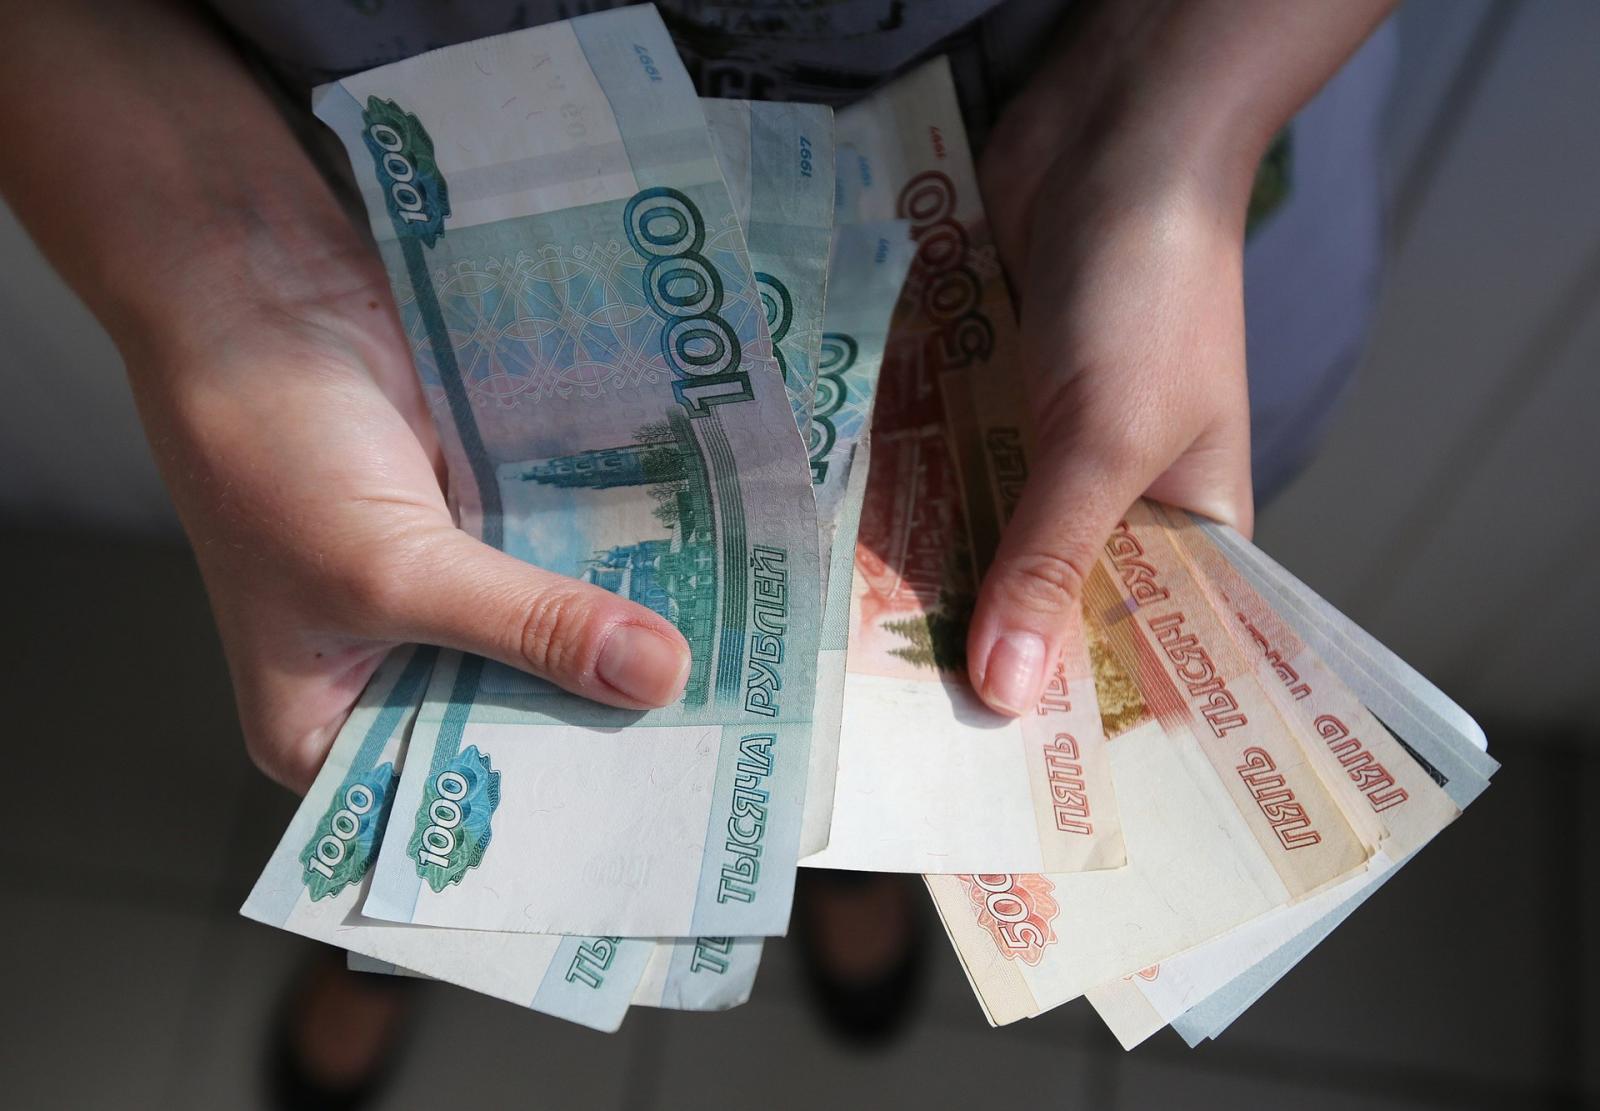 Брянскстат посчитал среднюю зарплату в области, вышло 29686 рублей